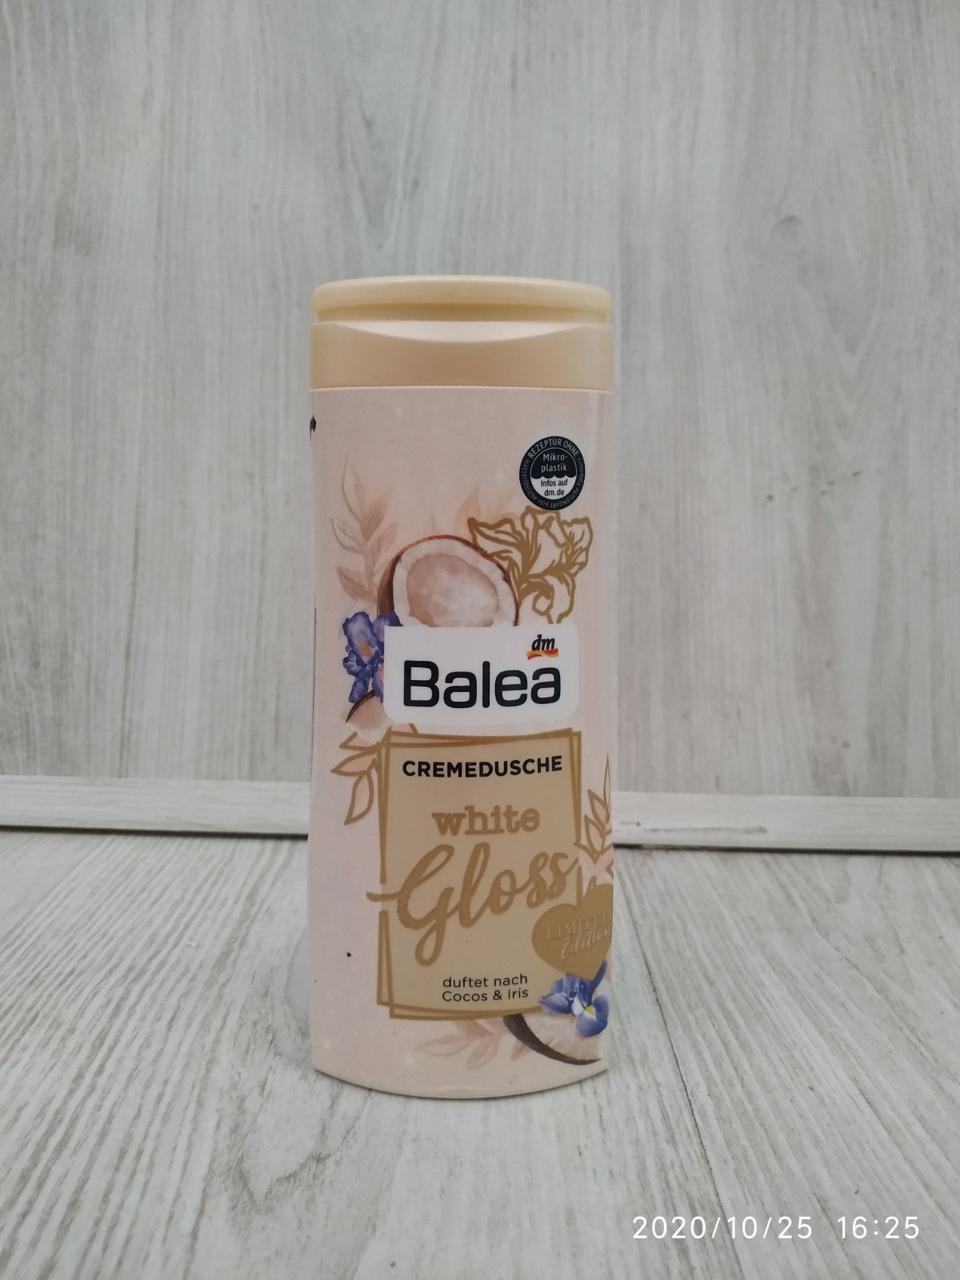 Balea гель для душа 300 ml Кокос